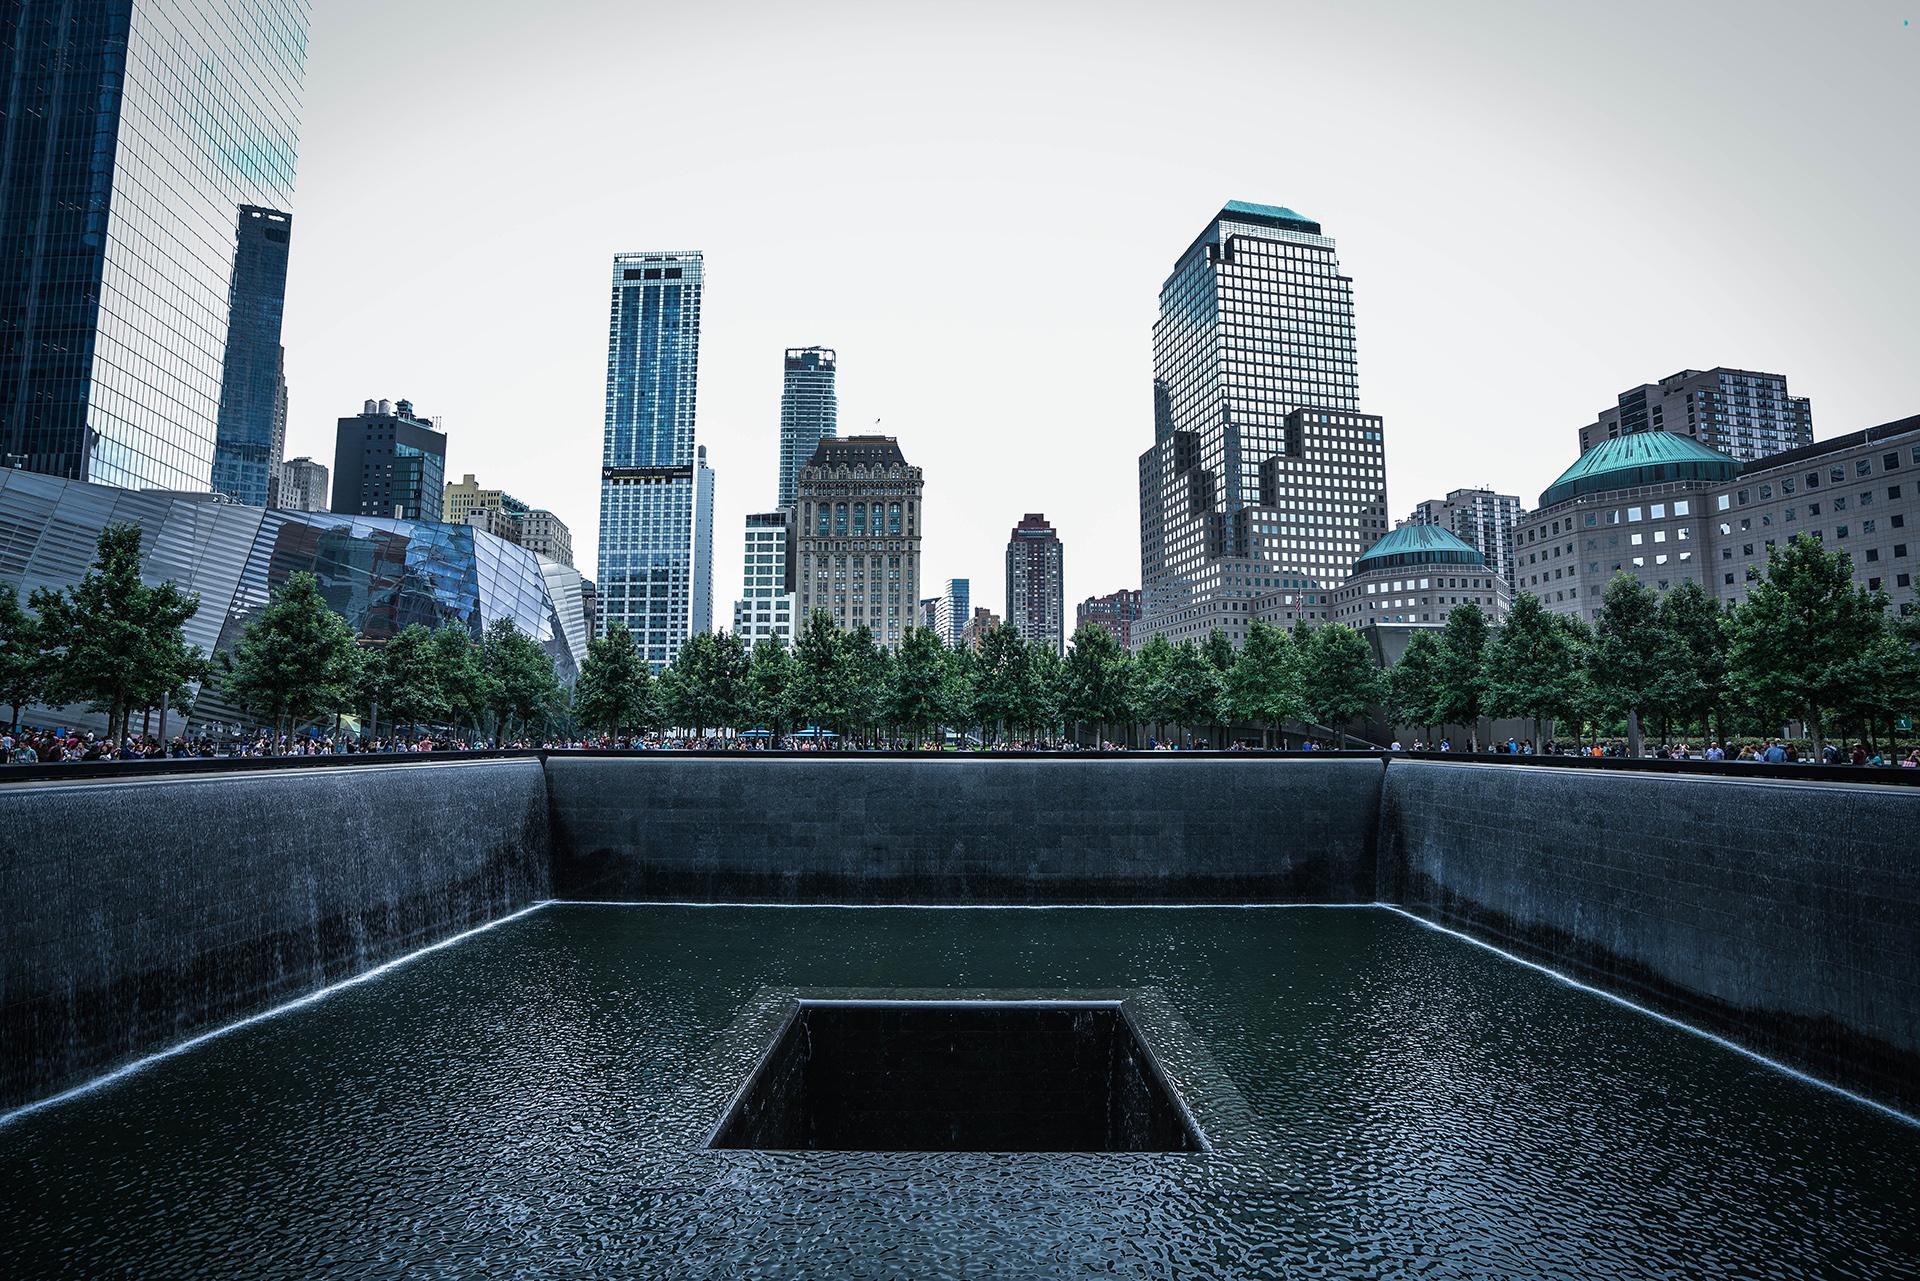 Memorial World Trade Center - Photo by Axel Houmadi